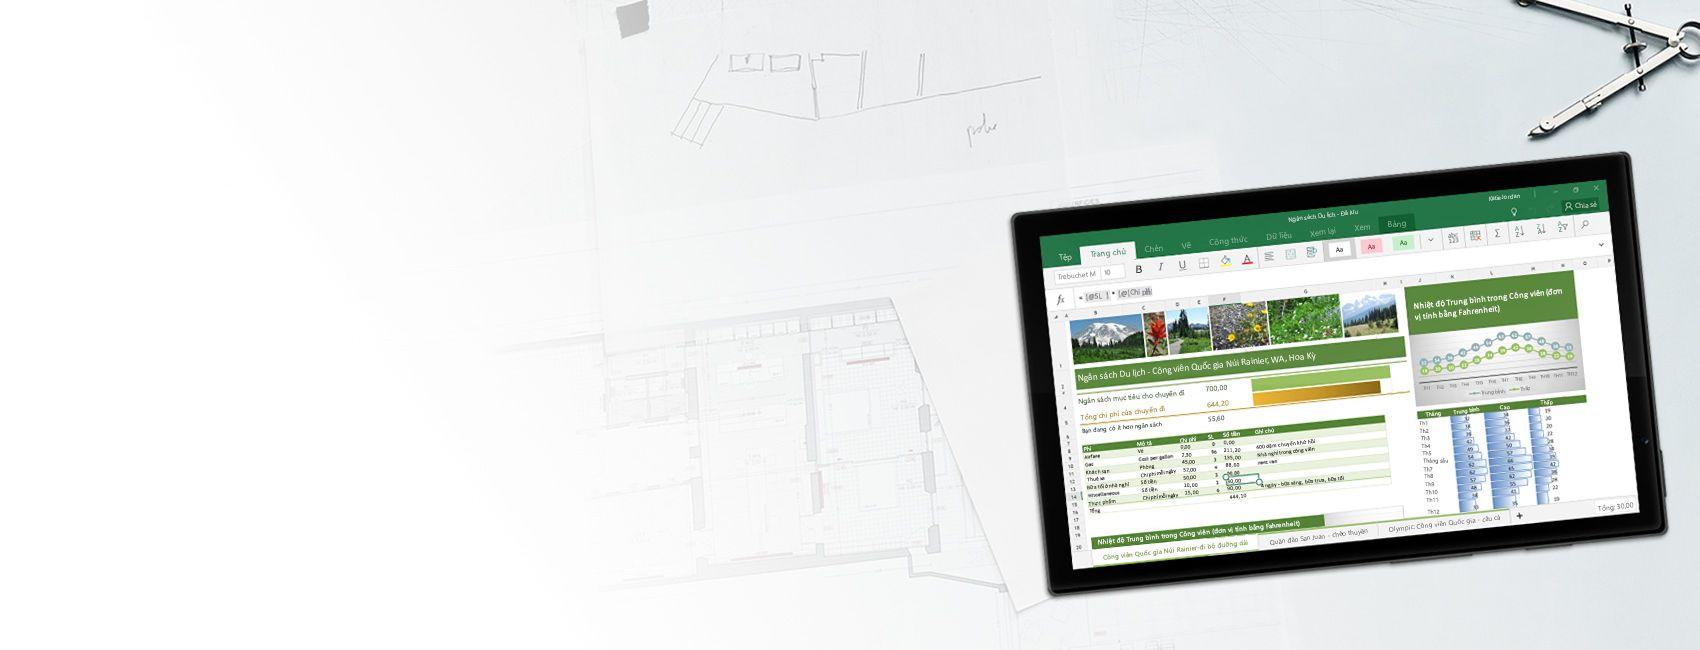 Máy tính bảng chạy Windows hiển thị bảng tính Excel có chứa một biểu đồ mẫu và báo cáo ngân sách công tác trong Excel for Windows 10 Mobile